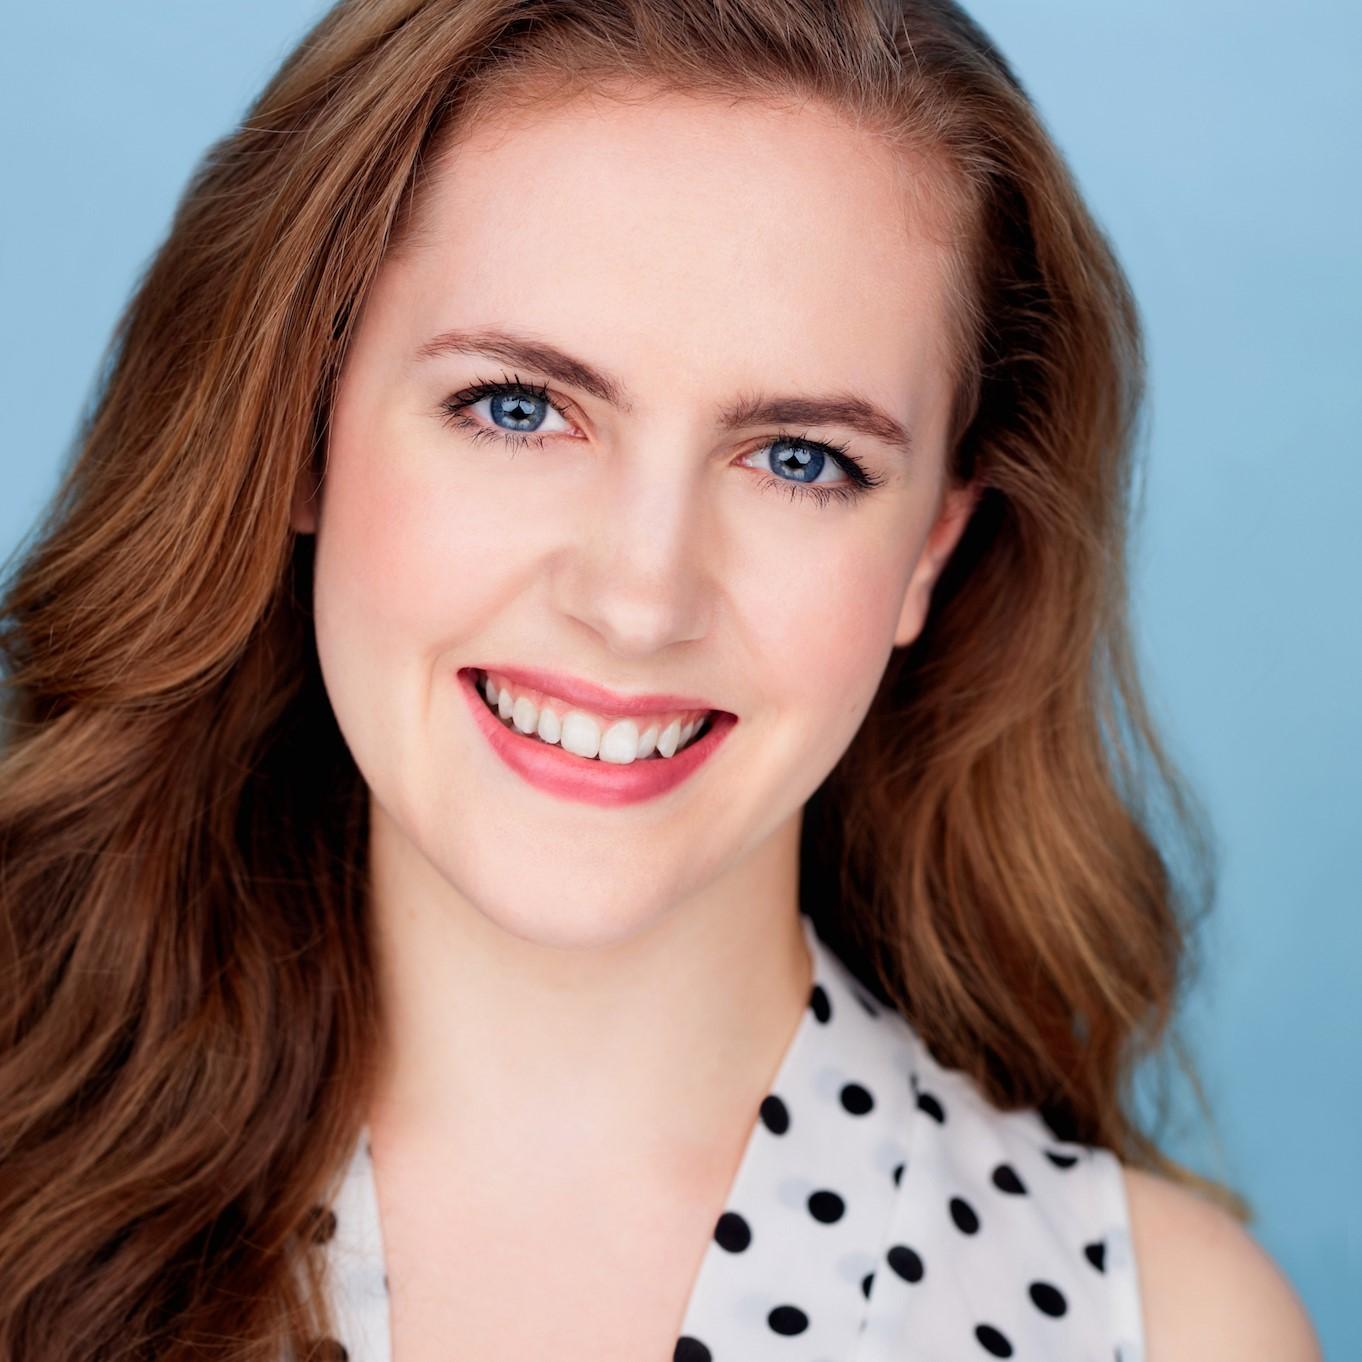 Emilie Jensen